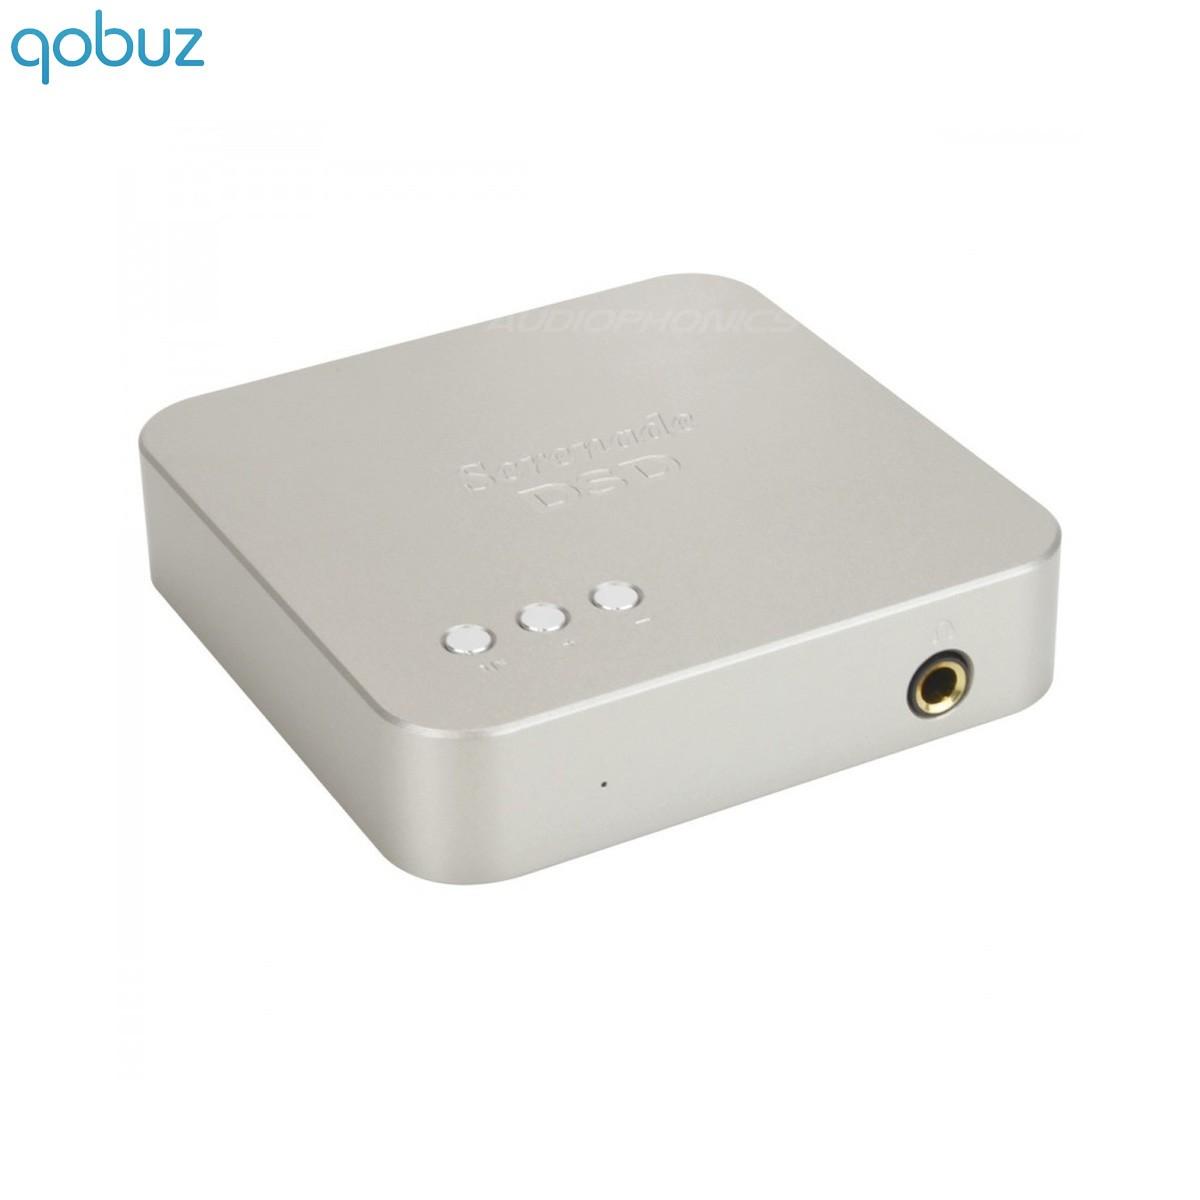 SERENADE DSD DAC USB / Amplificateur Casque PCM1795 32bit 192kHz